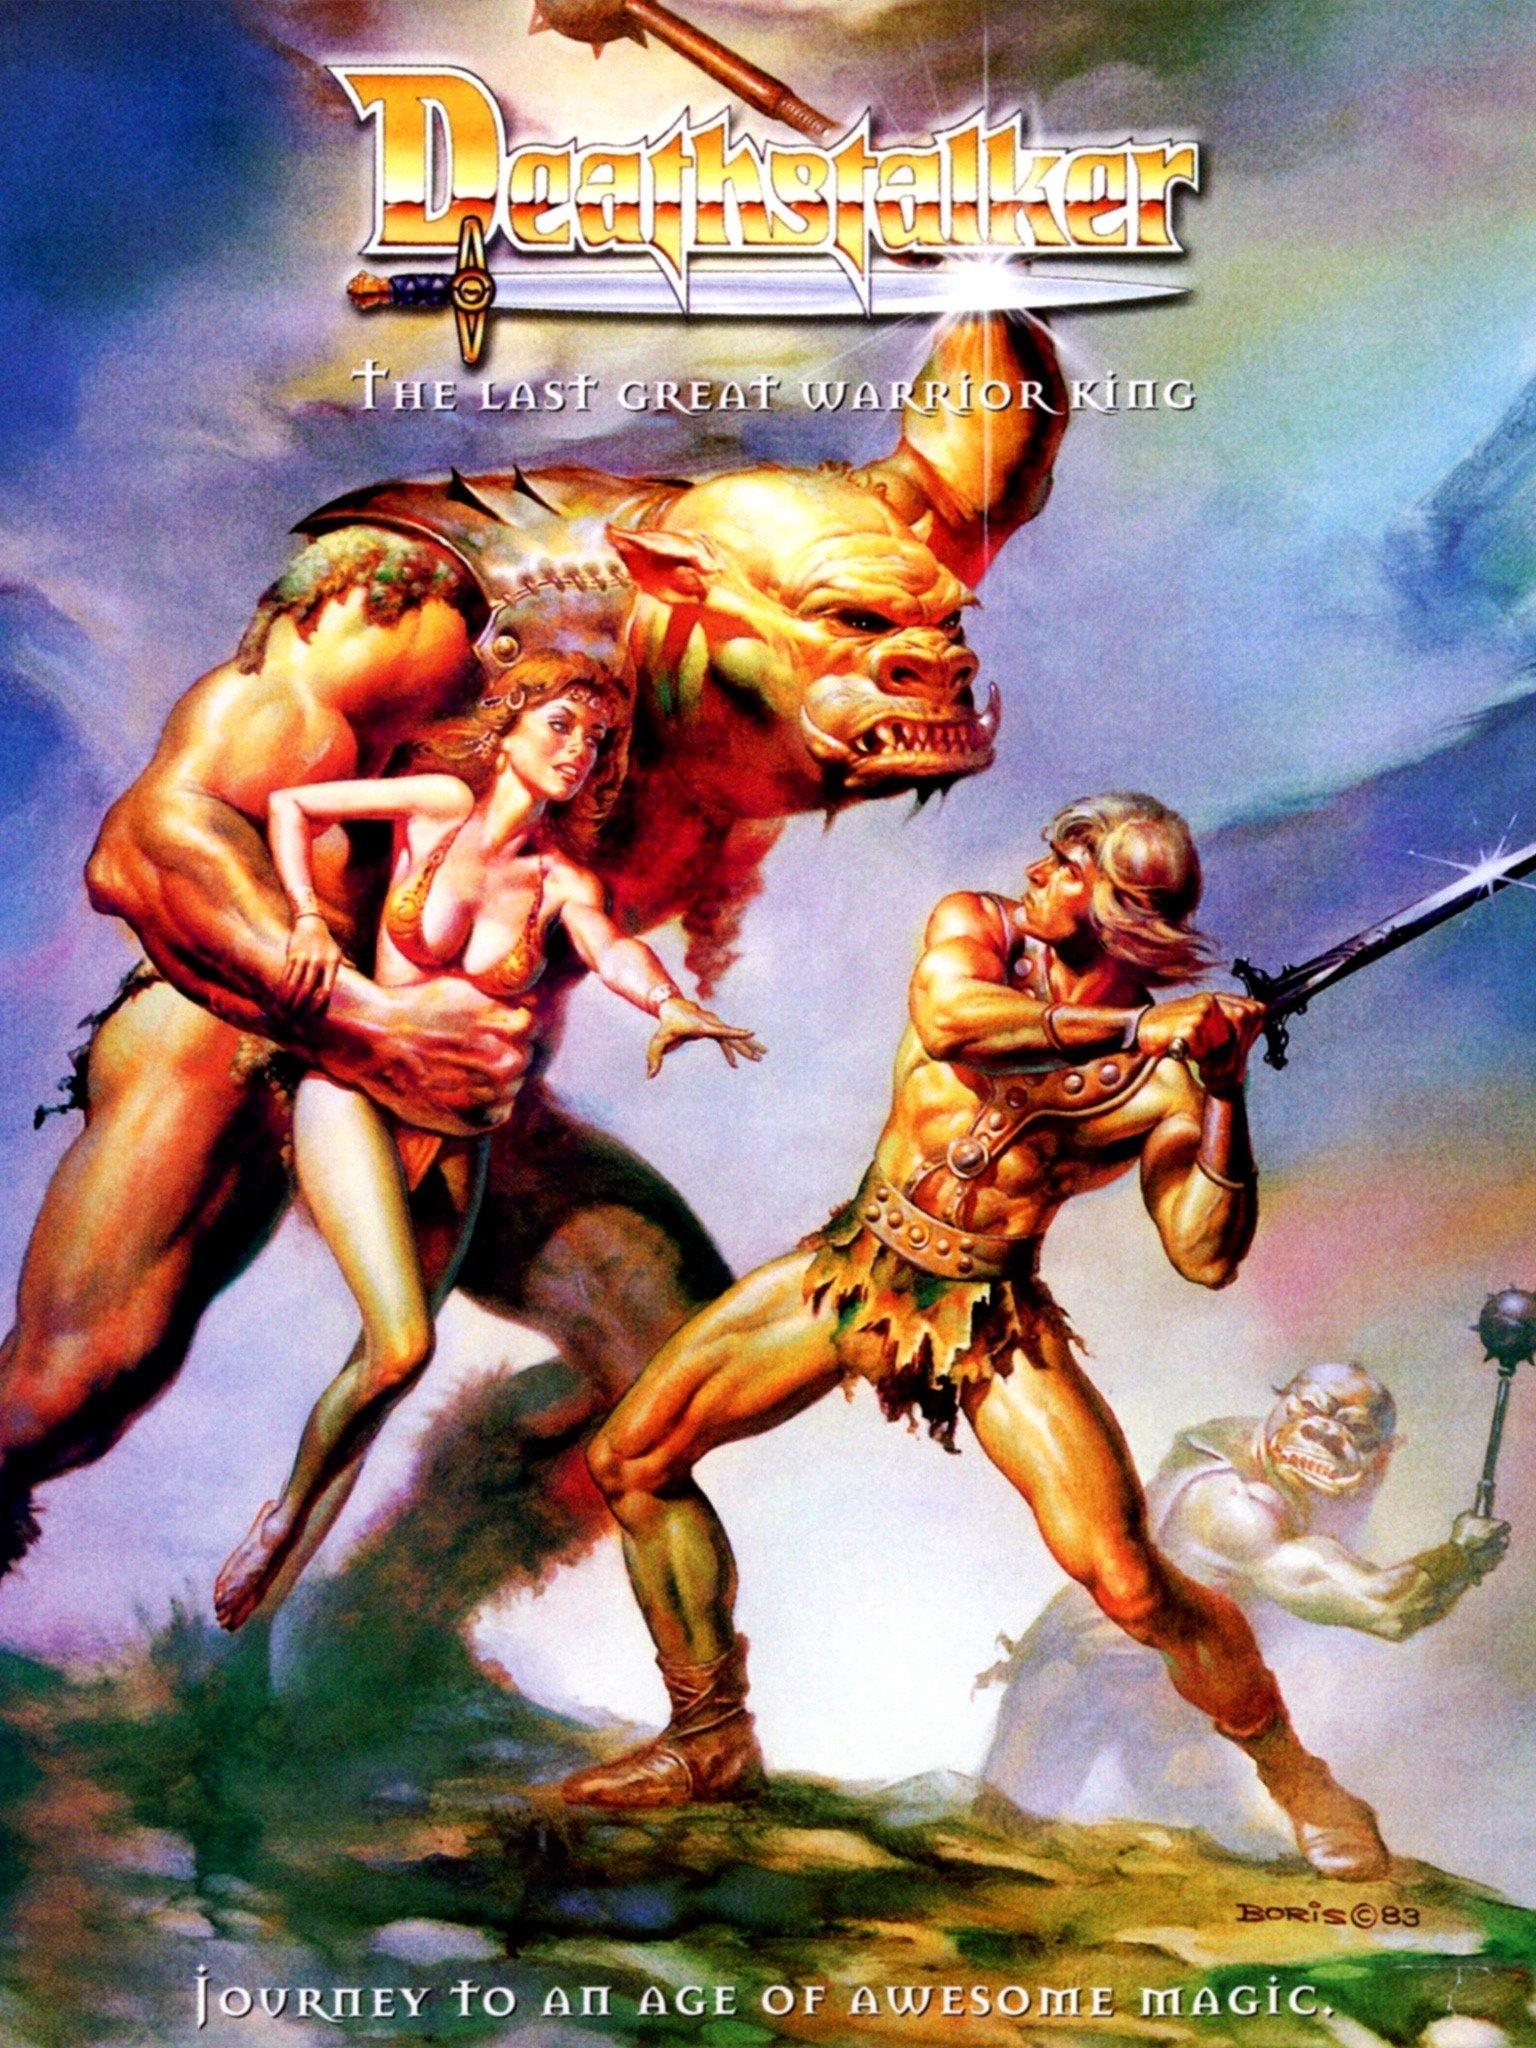 Deathstalker (1983) - Rotten Tomatoes